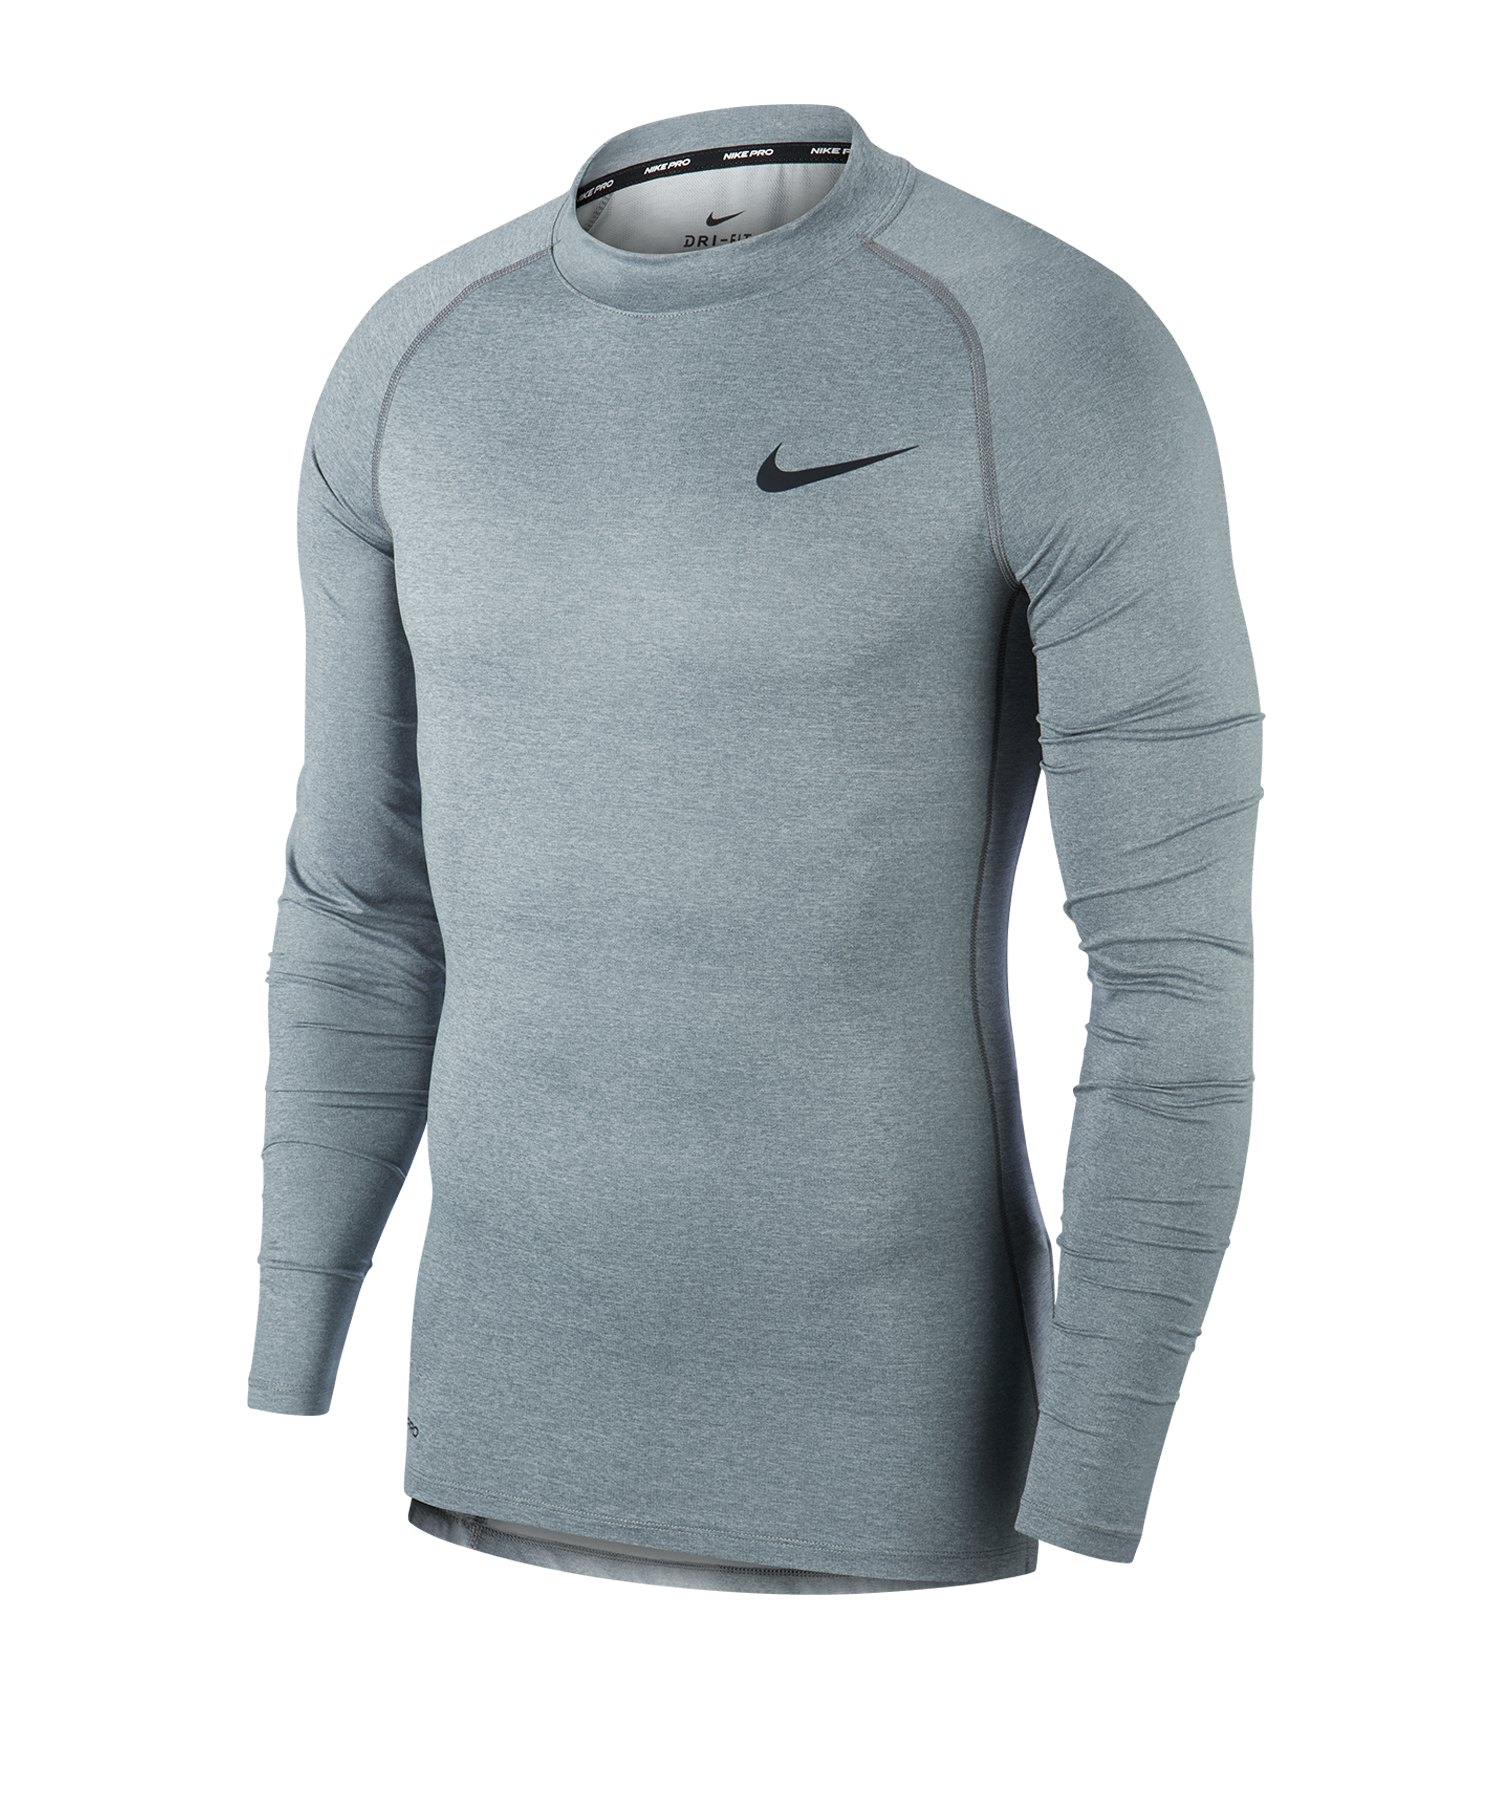 Nike Pro Training Top Mock langarm Grau F085 - grau